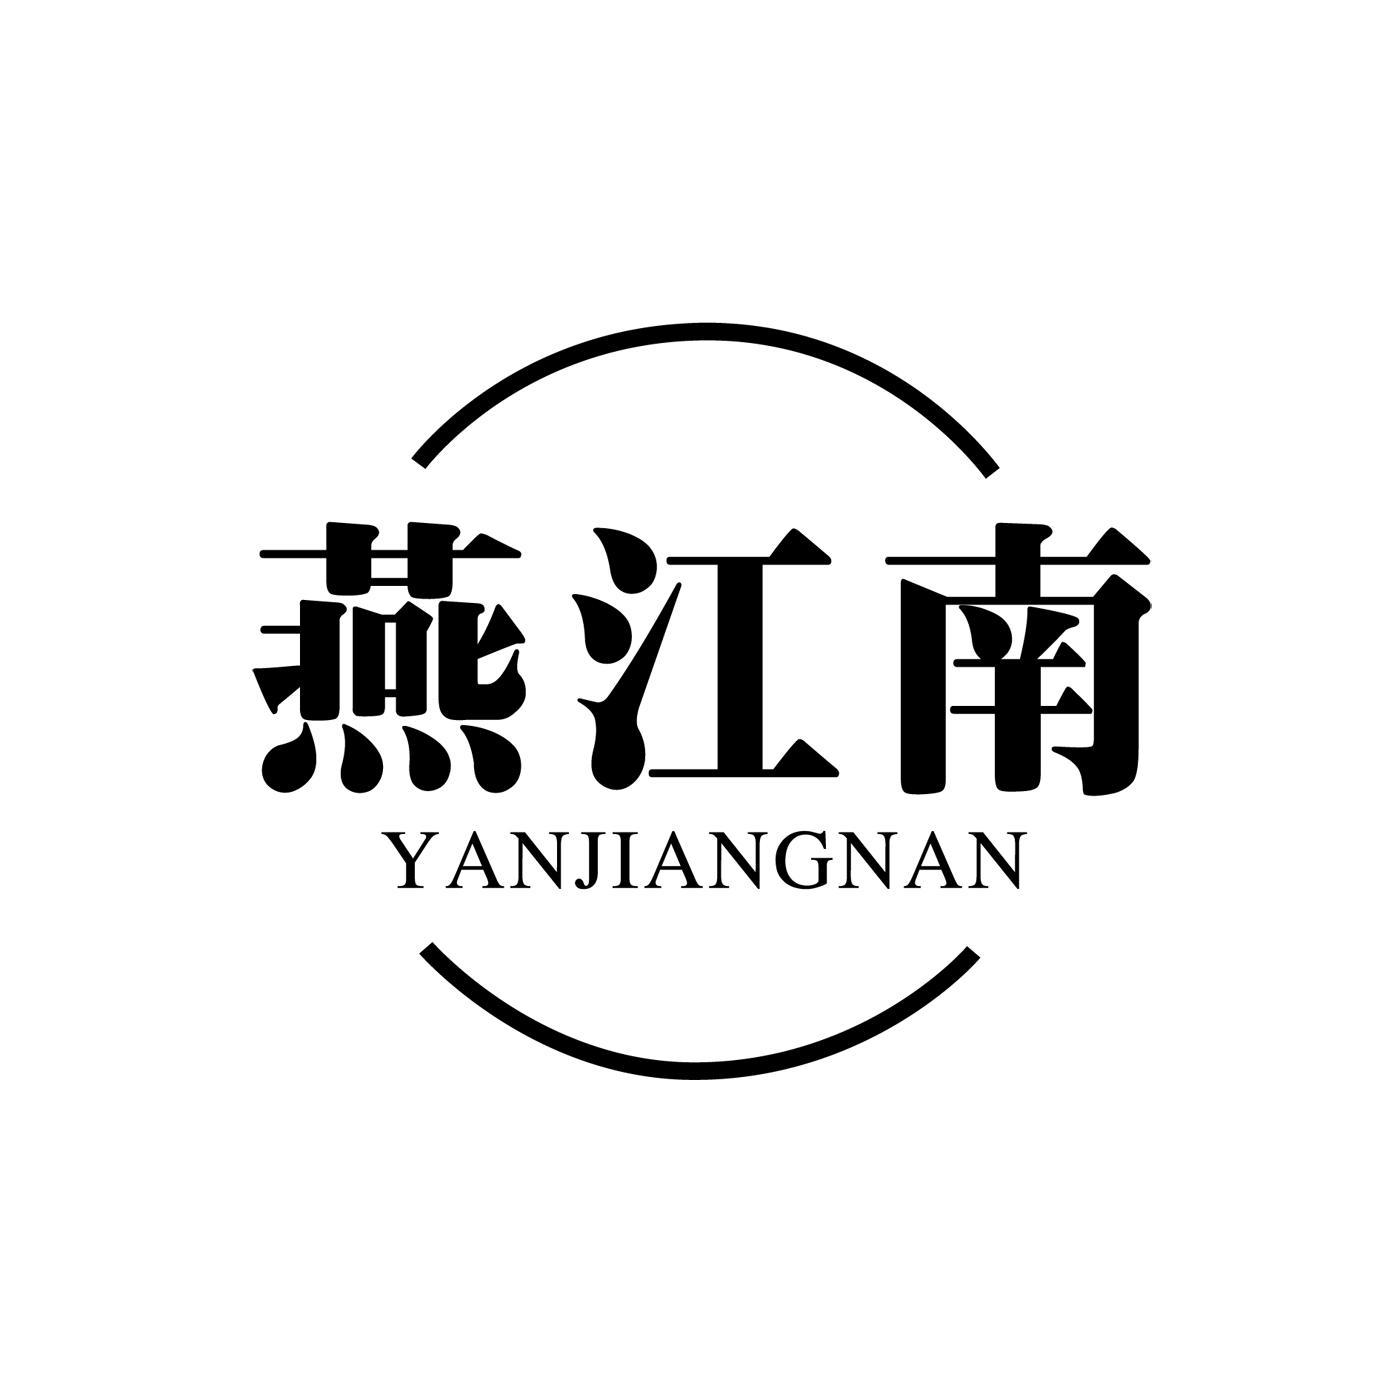 杭州市商标转让-43类餐饮住宿-燕江南